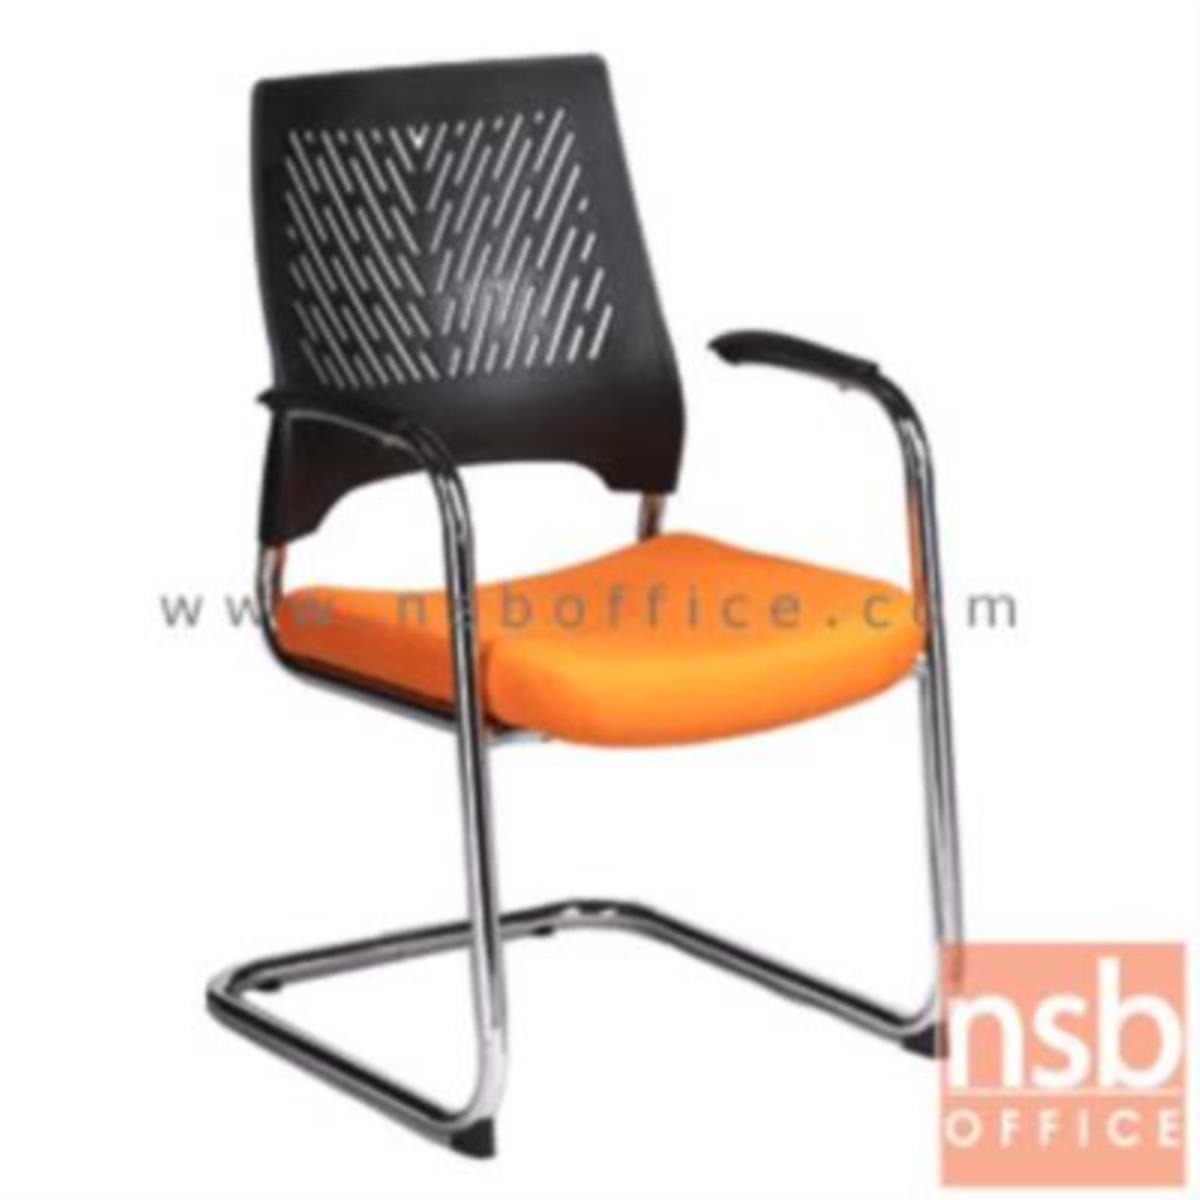 B04A087:เก้าอี้รับแขกขาตัวซีหลังเปลือกโพลี่ รุ่น Lewis (เลวิส)  ขาเหล็กชุบโครเมี่ยม